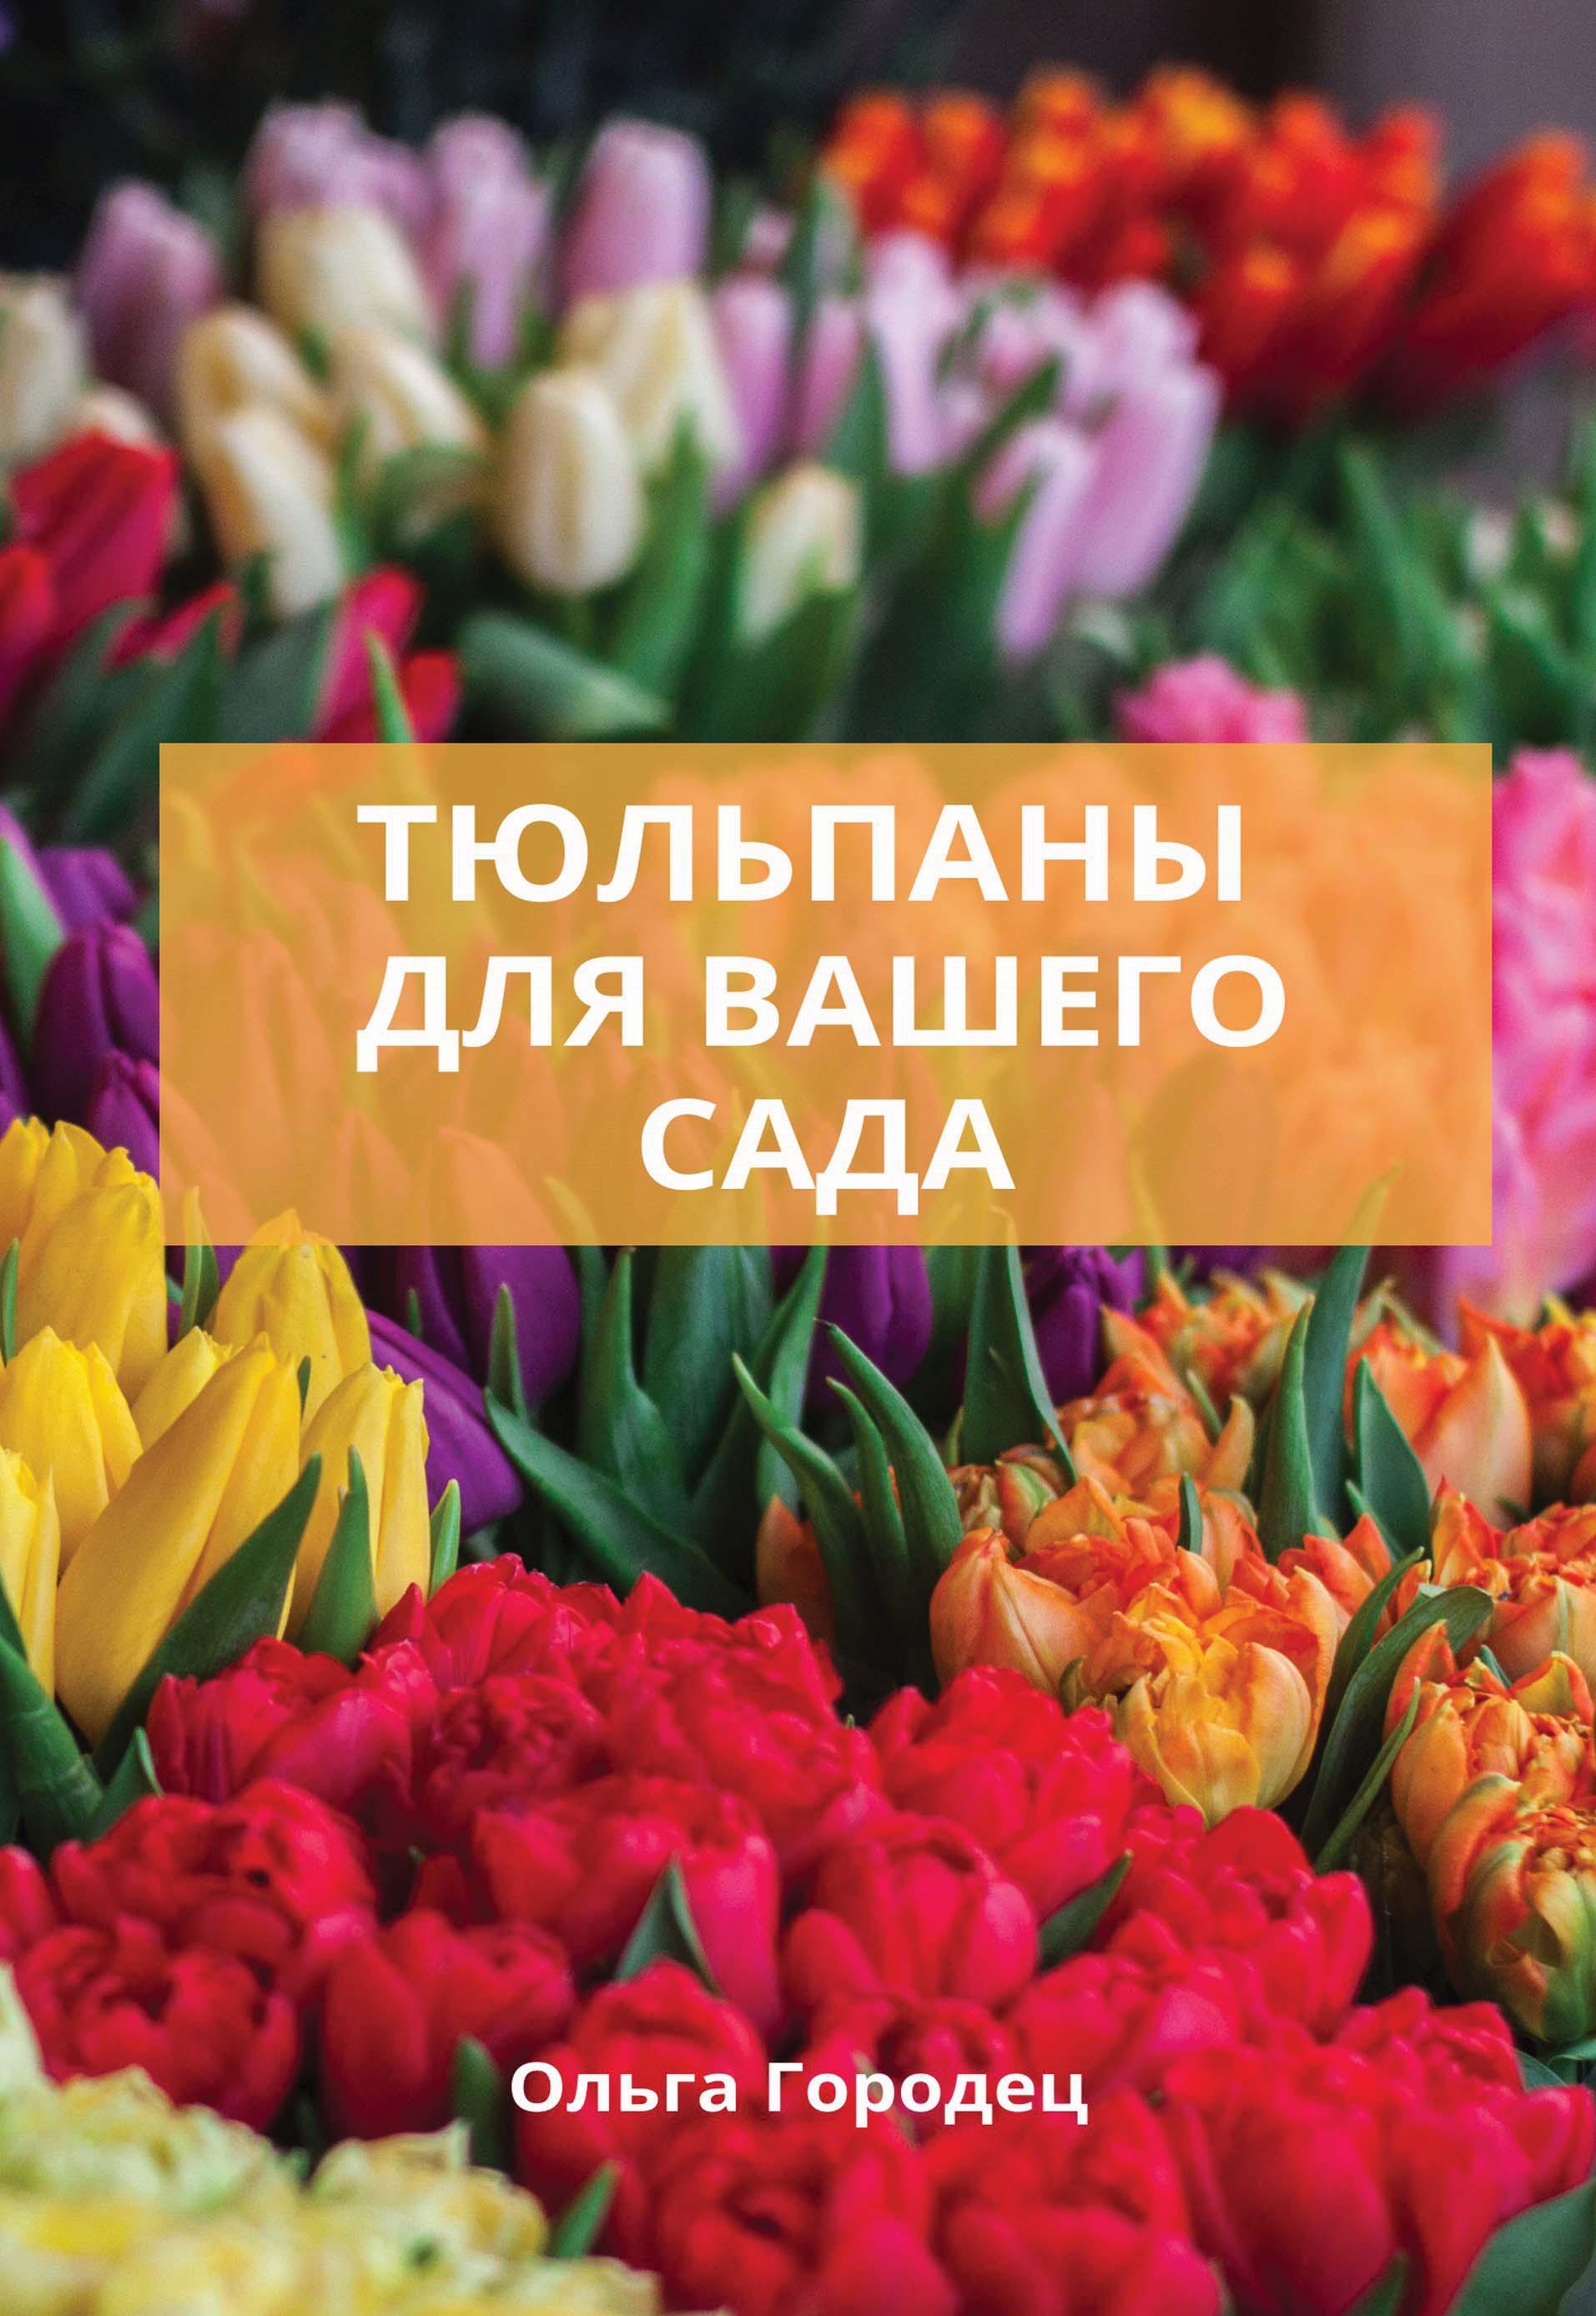 Ольга Городец . Лучшие сорта вашего сада